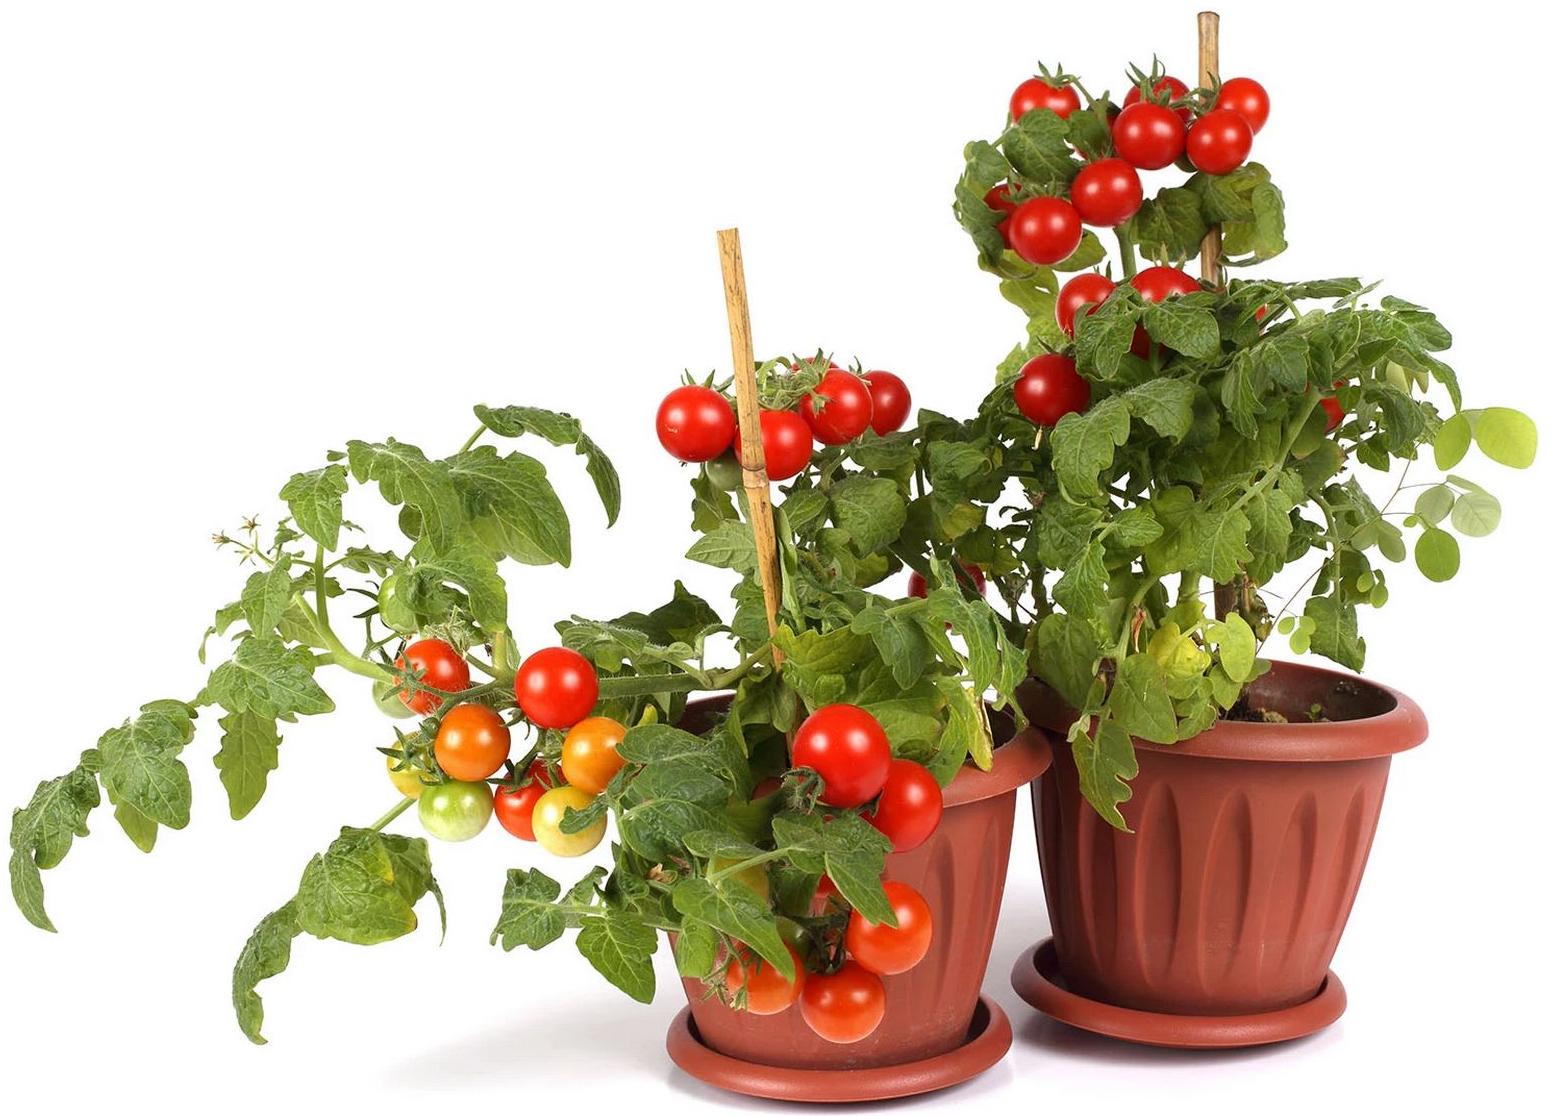 [Marktguru] 70 Cent Cashback auf Tomatenpflanzen /// 50 Cent + 40 Cent Cashback auf Wagner Steinofen Pizza